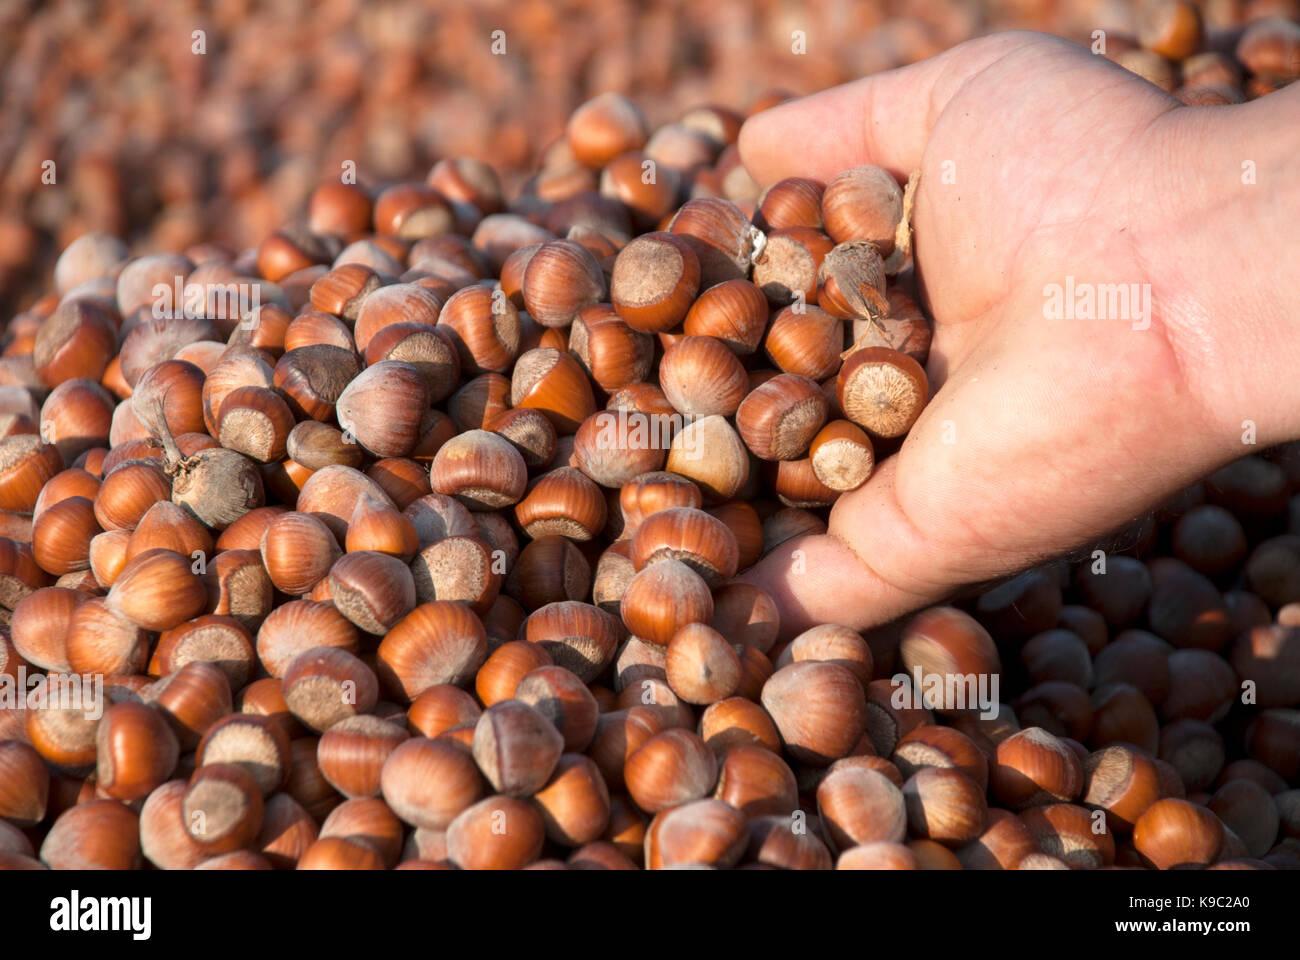 Hazelnuts - Stock Image